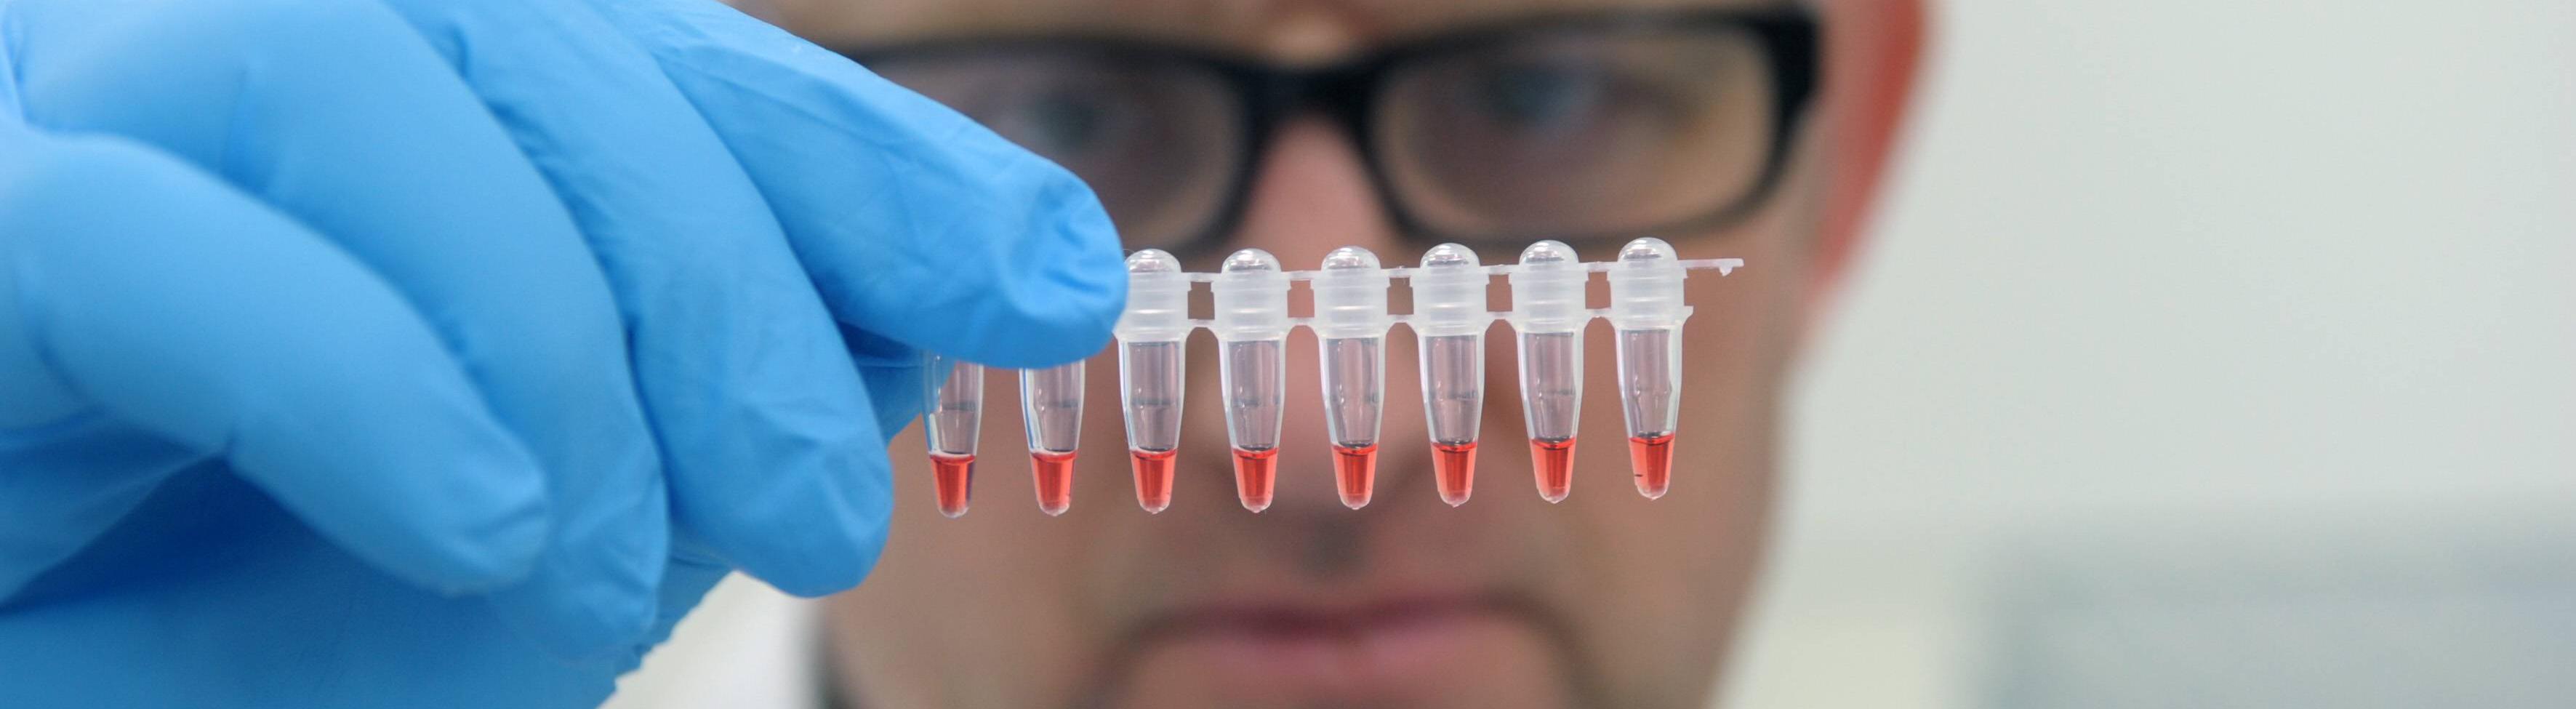 Laborant mit DNA-Proben